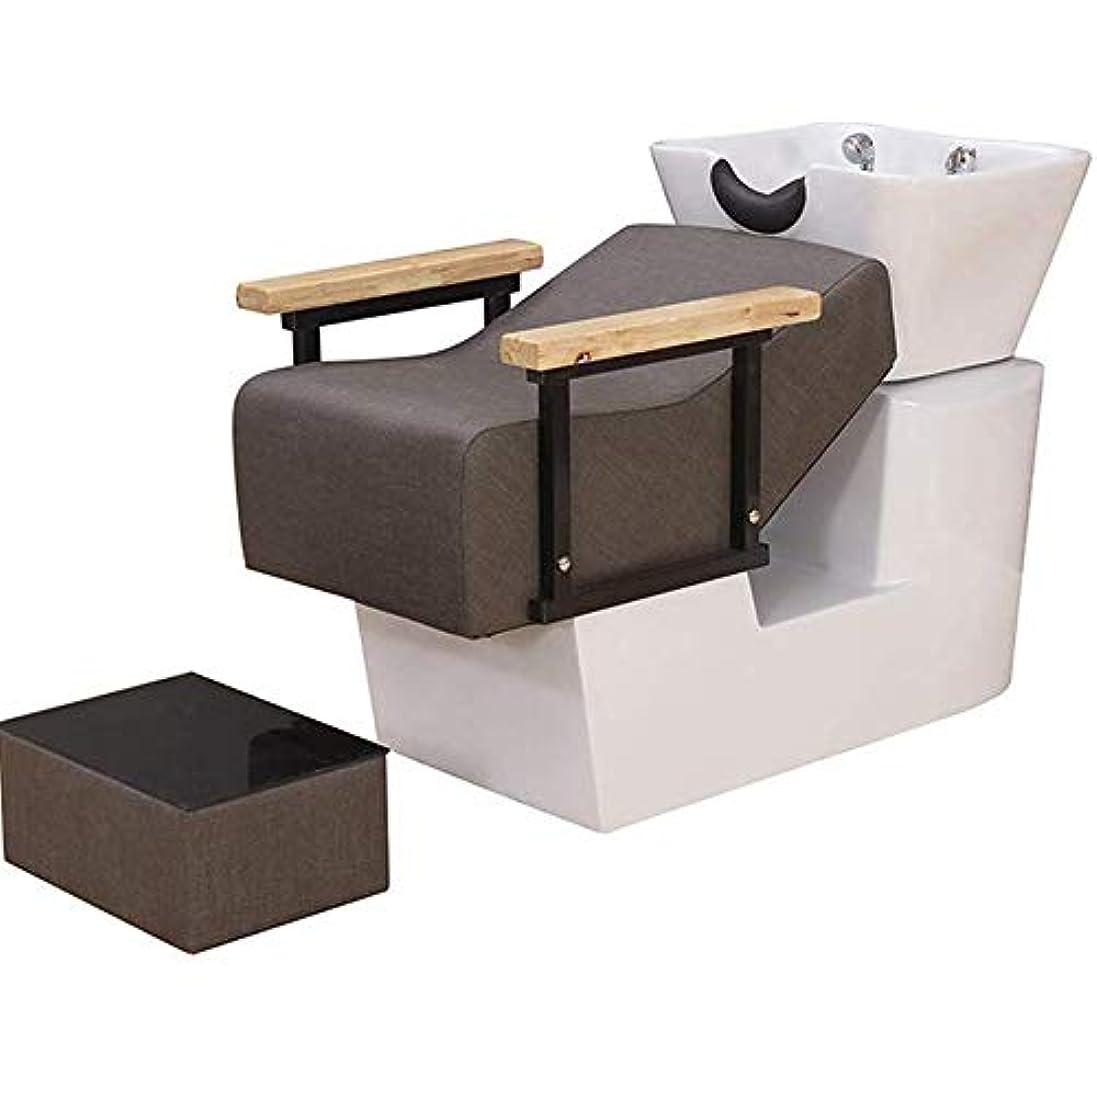 必要としている機械的に鉛筆サロン用シャンプーチェアとボウル、スパ美容サロン機器セミ陥凹フラッシュベッドのためのヨーロッパスタイルの逆洗ユニットシャンプーボウル理髪シンクチェア